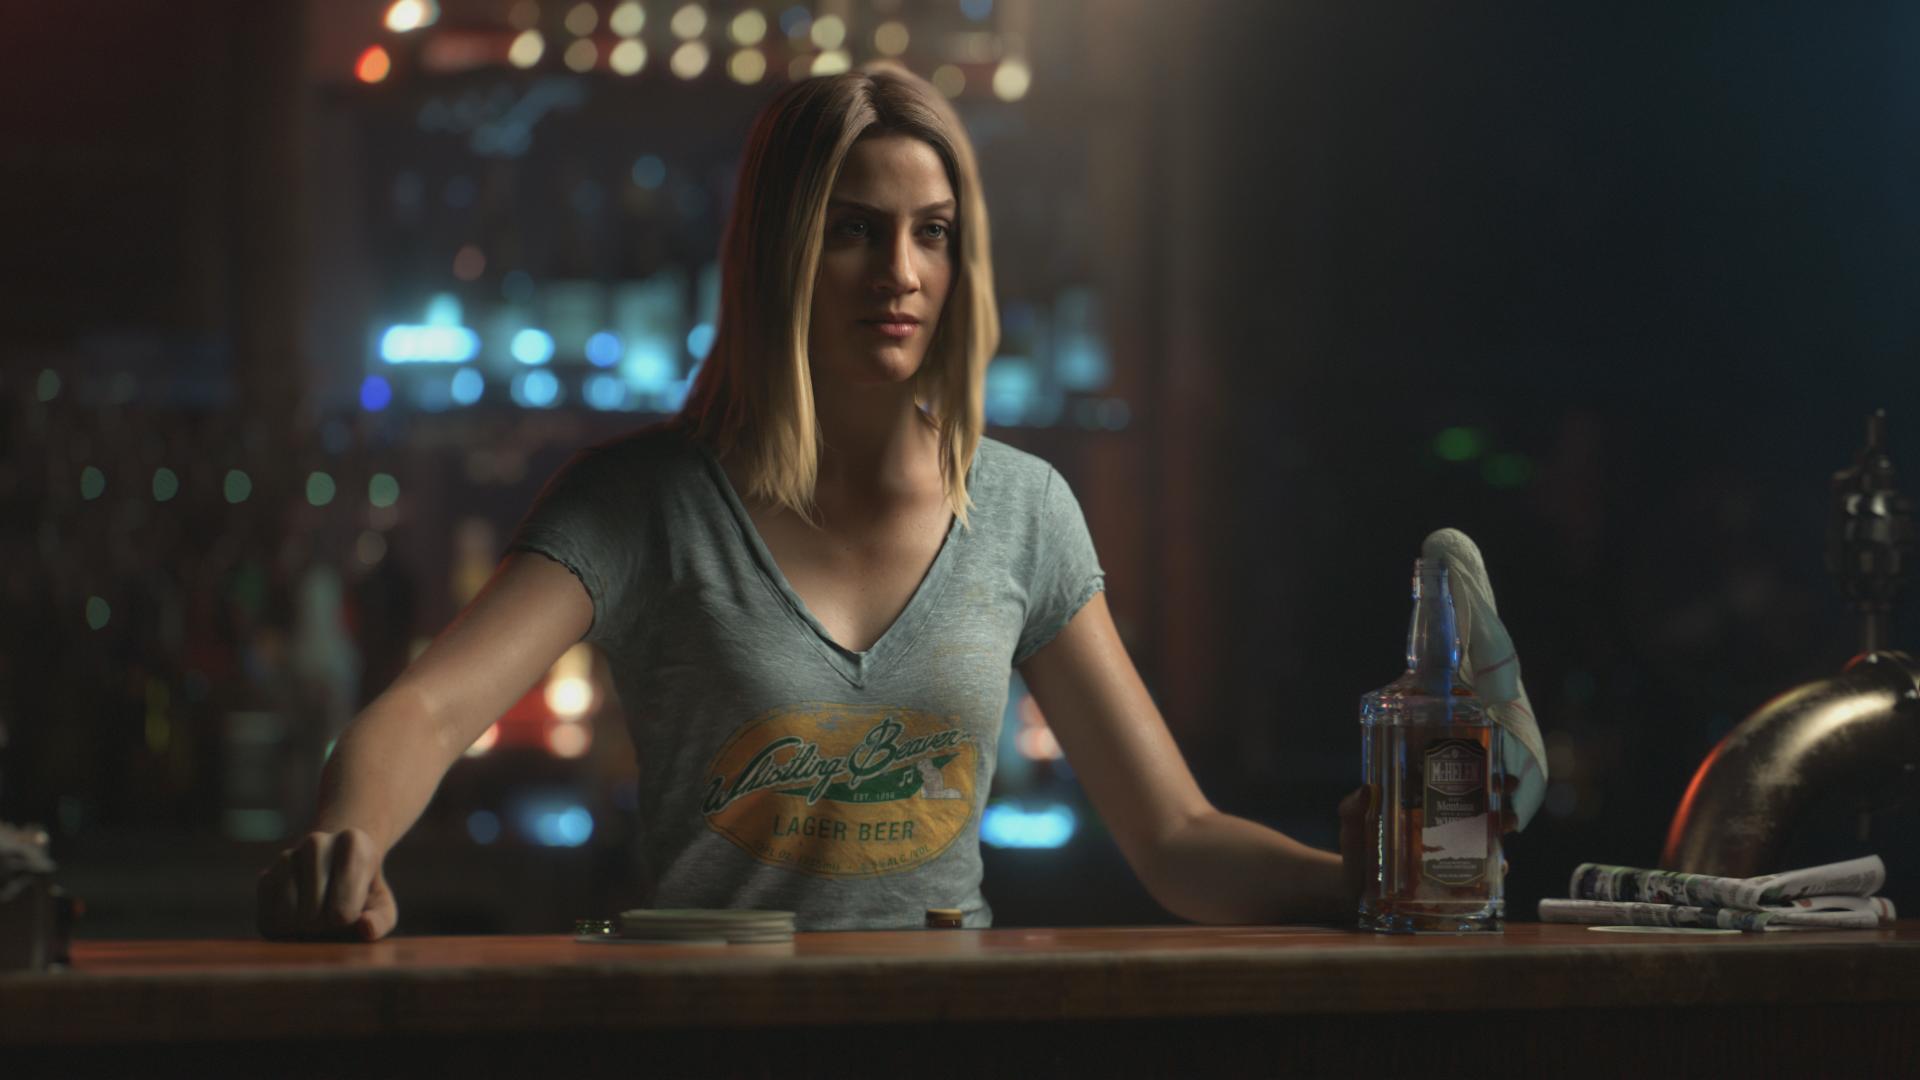 Вышла короткометражка-приквел к Far Cry 5, но лишь на Amazon Prime